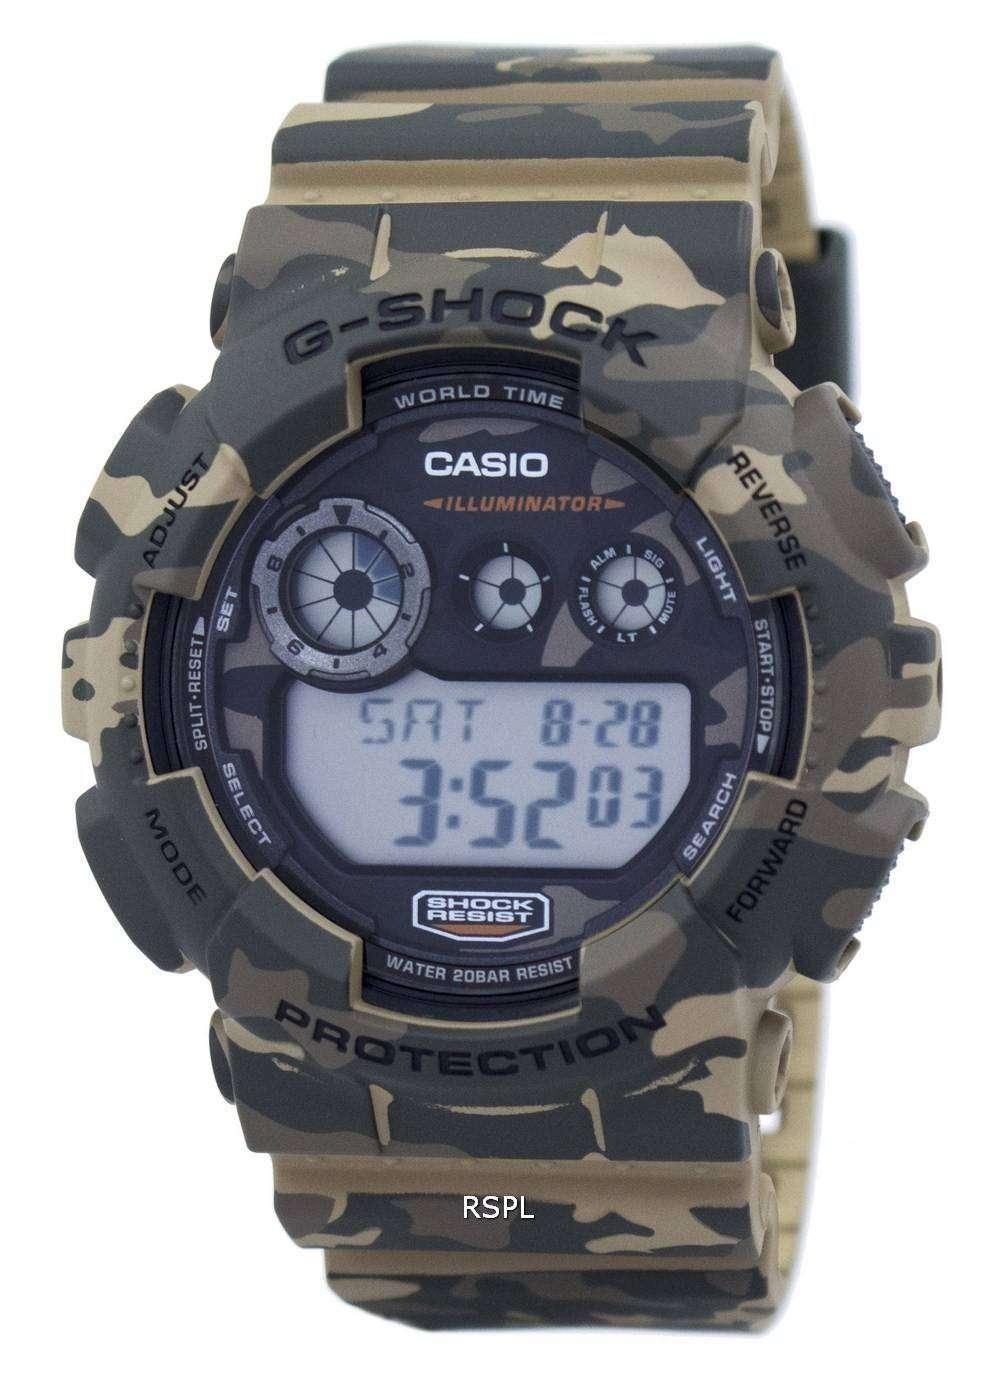 eae0054ed867 Reloj Casio G-Shock Digital camuflaje serie GD-120CM-5 hombres ...